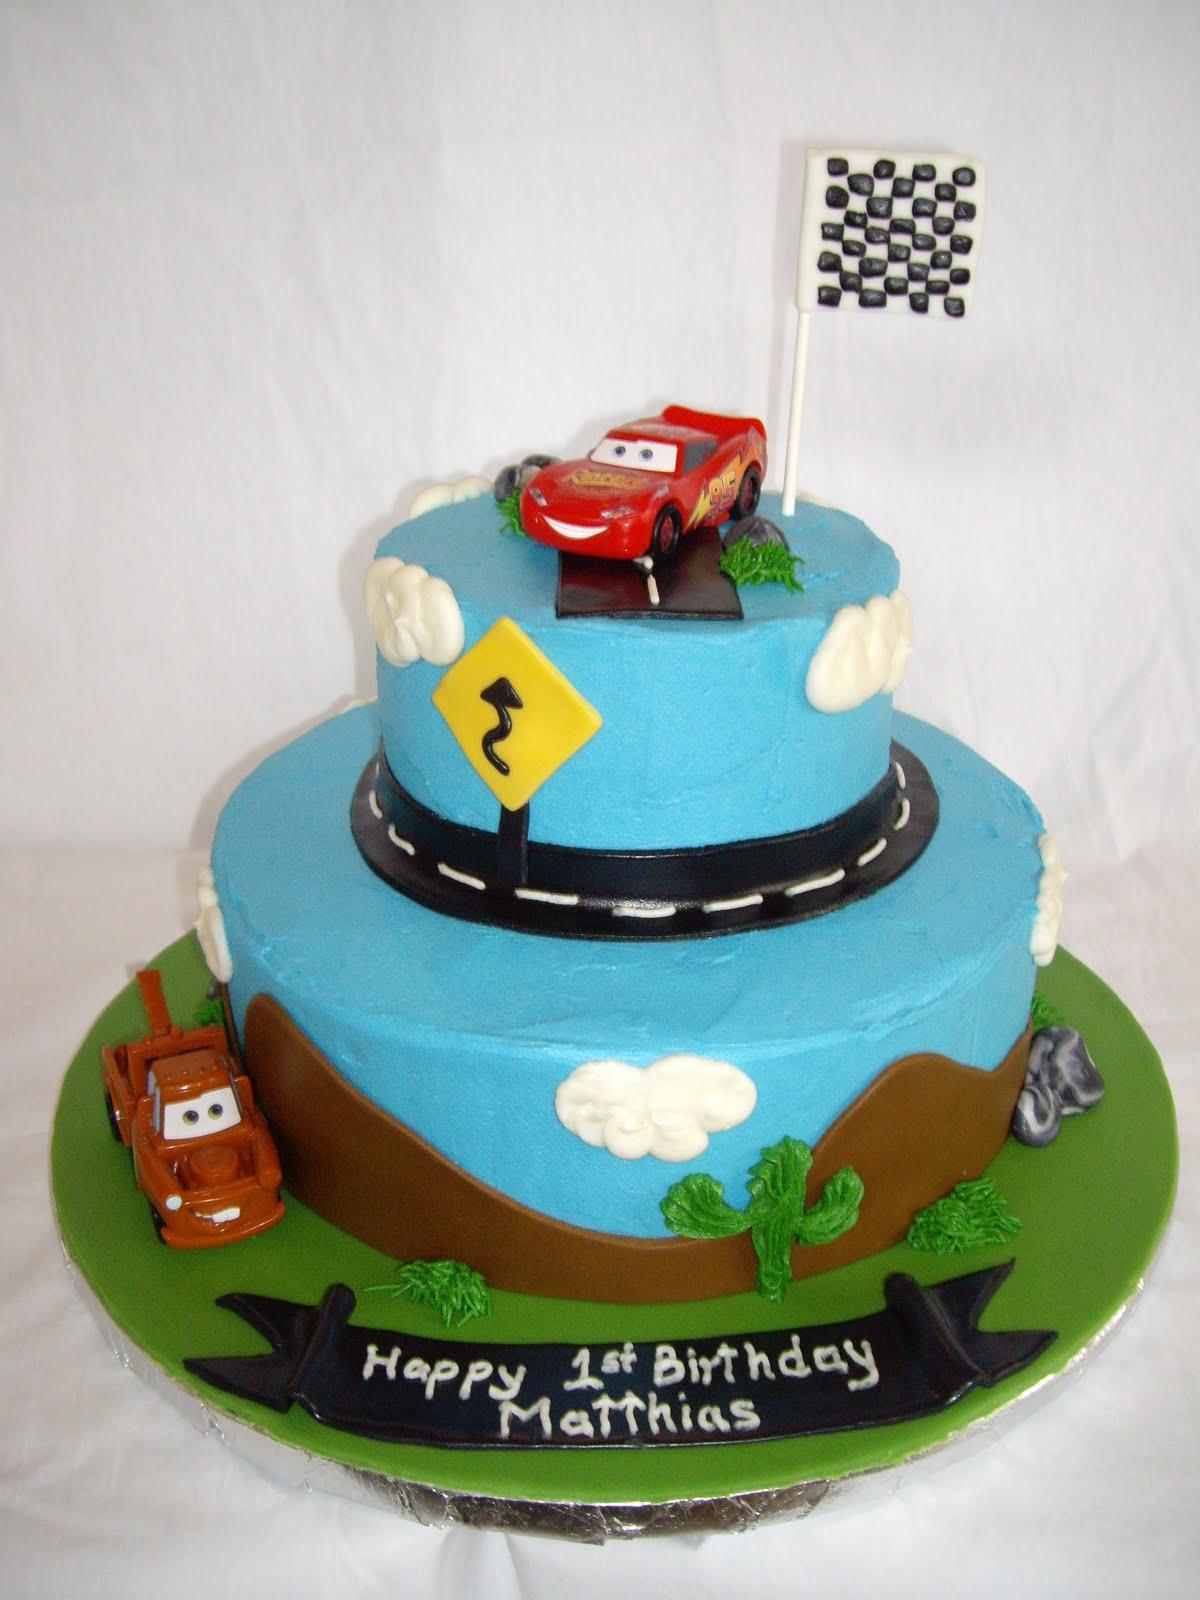 Darcie's Custom Cake